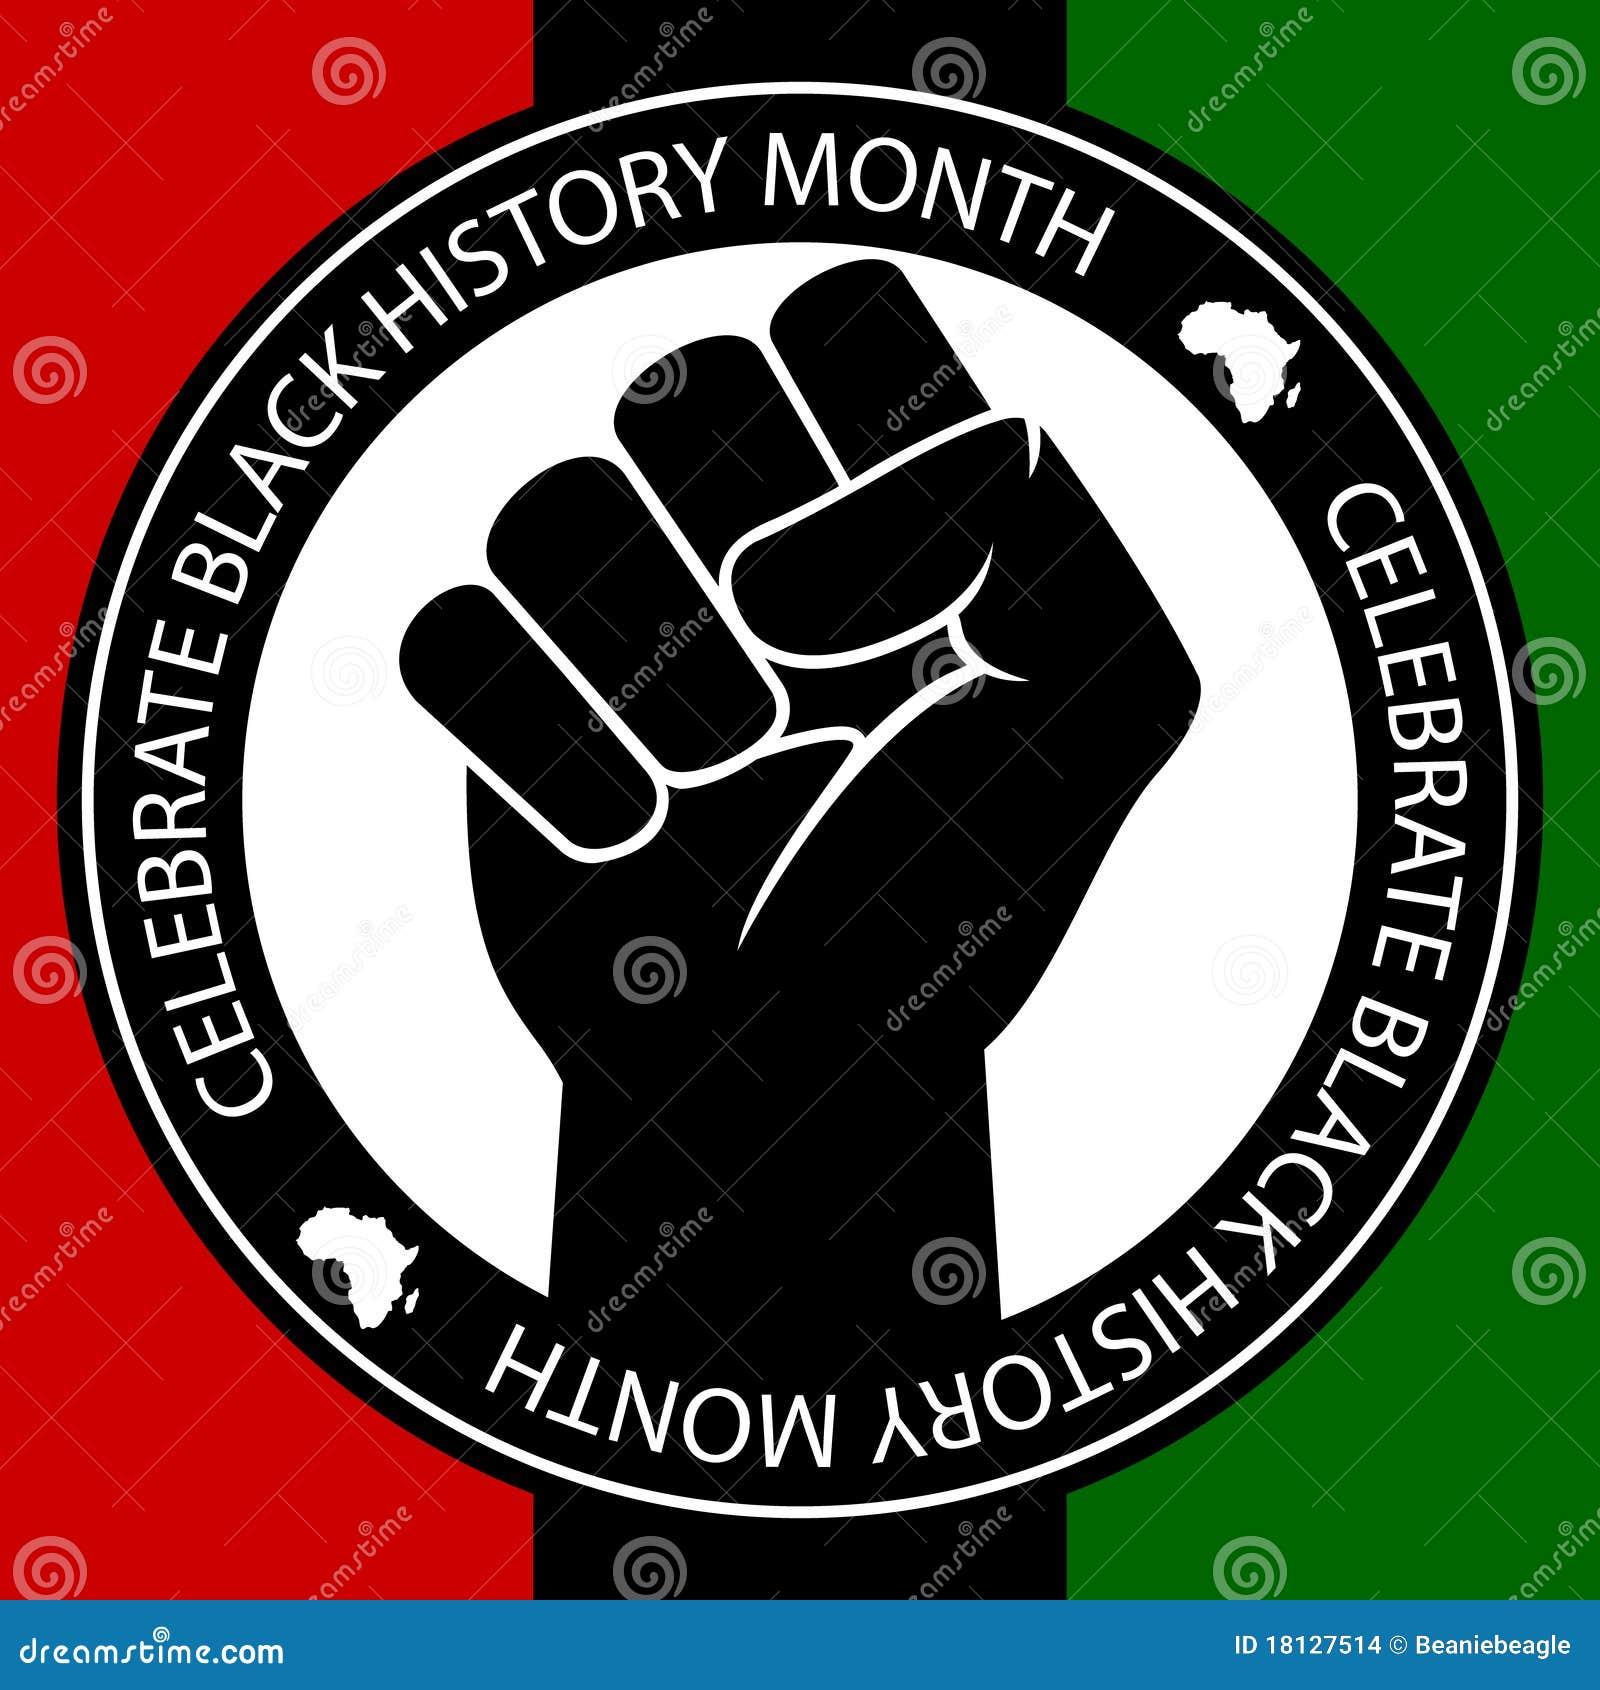 Celebrating Black History Timeline Images & Pictures - Findpik